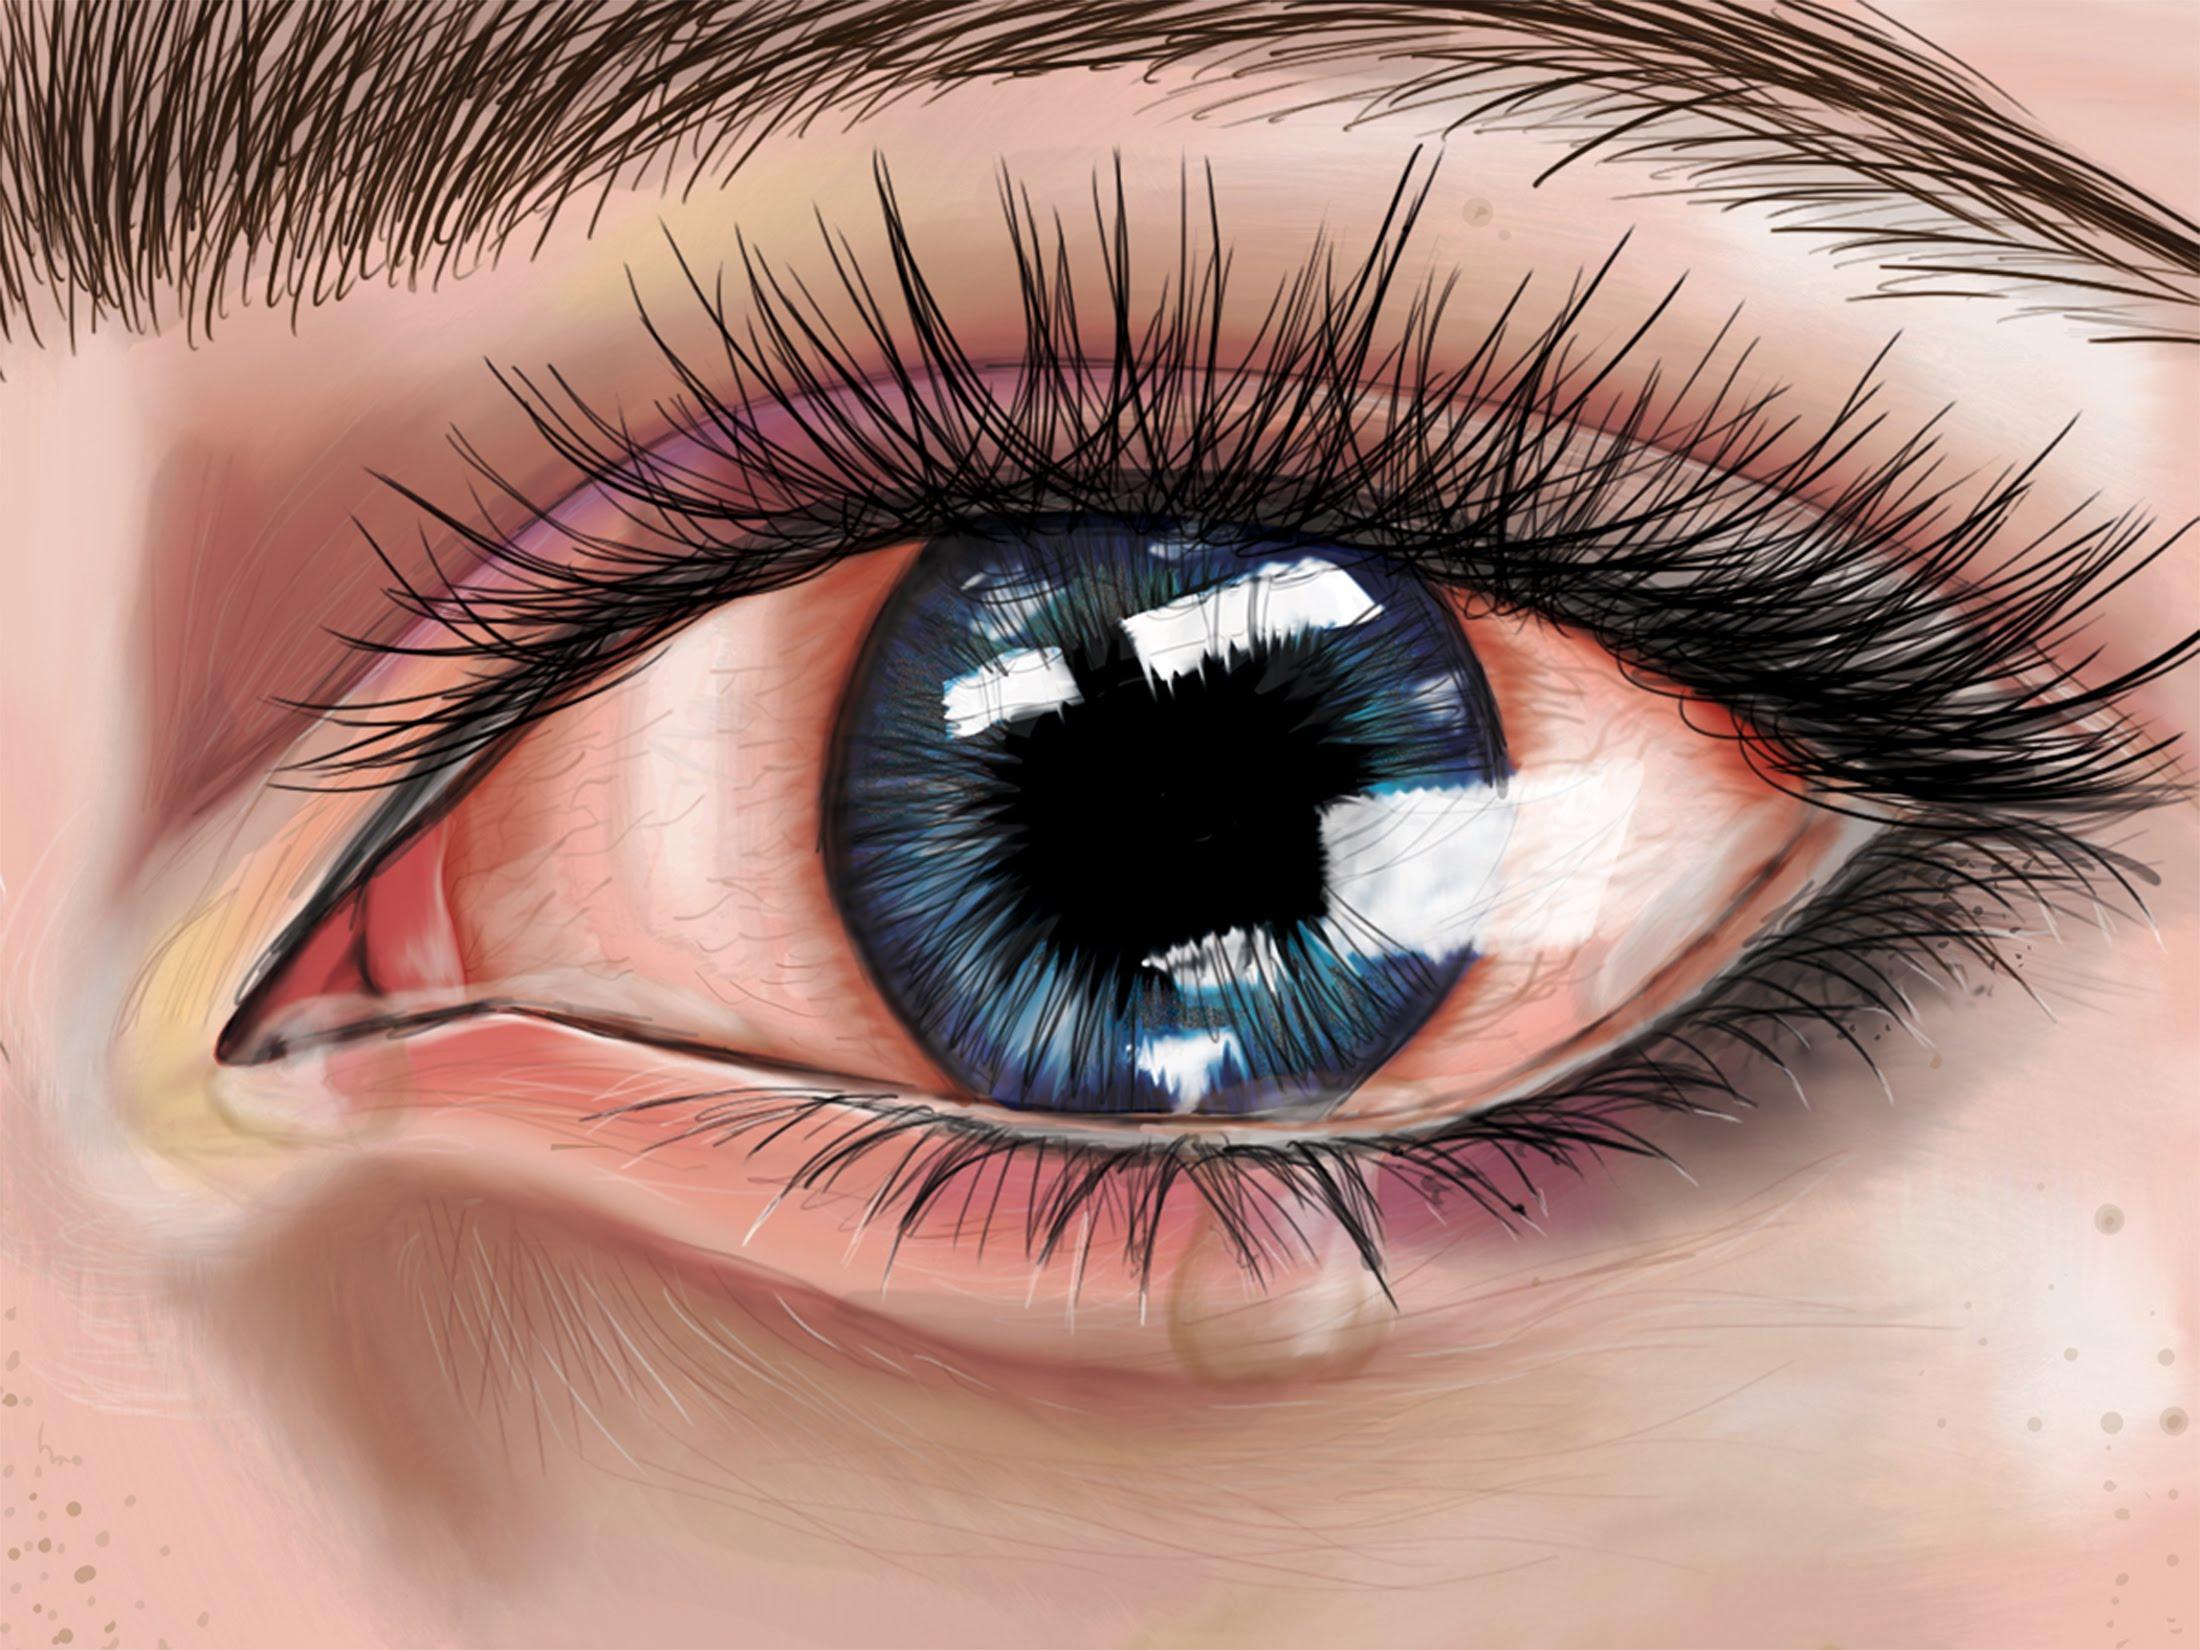 2200x1650 Crying Eyes Speed Drawing Emsart